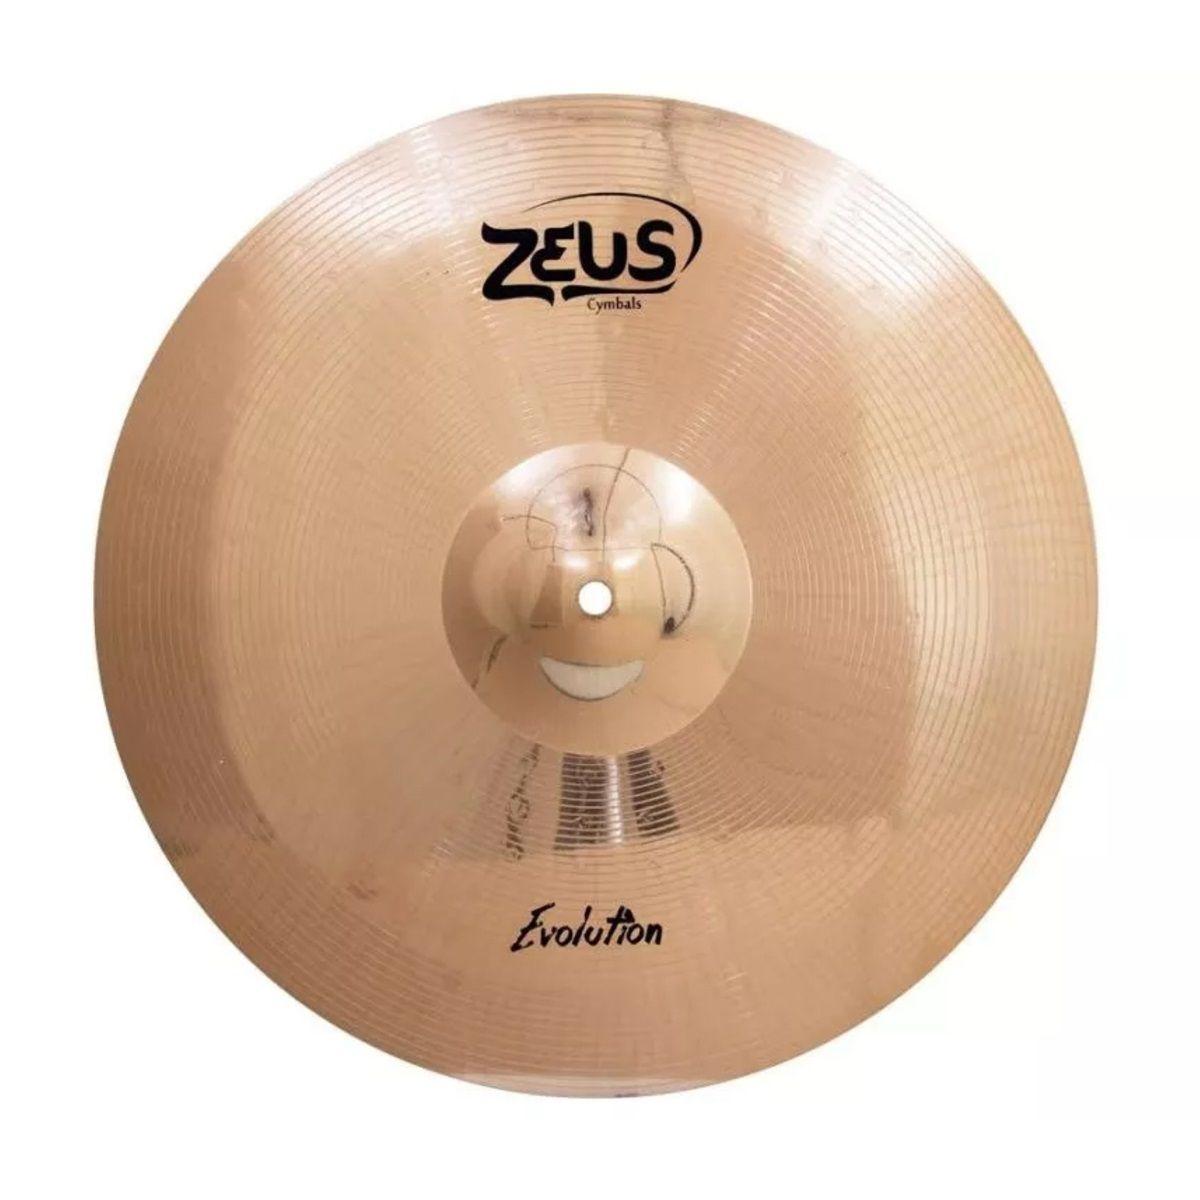 Prato Zeus Evolution Crash 16 Zevc16 Liga B10